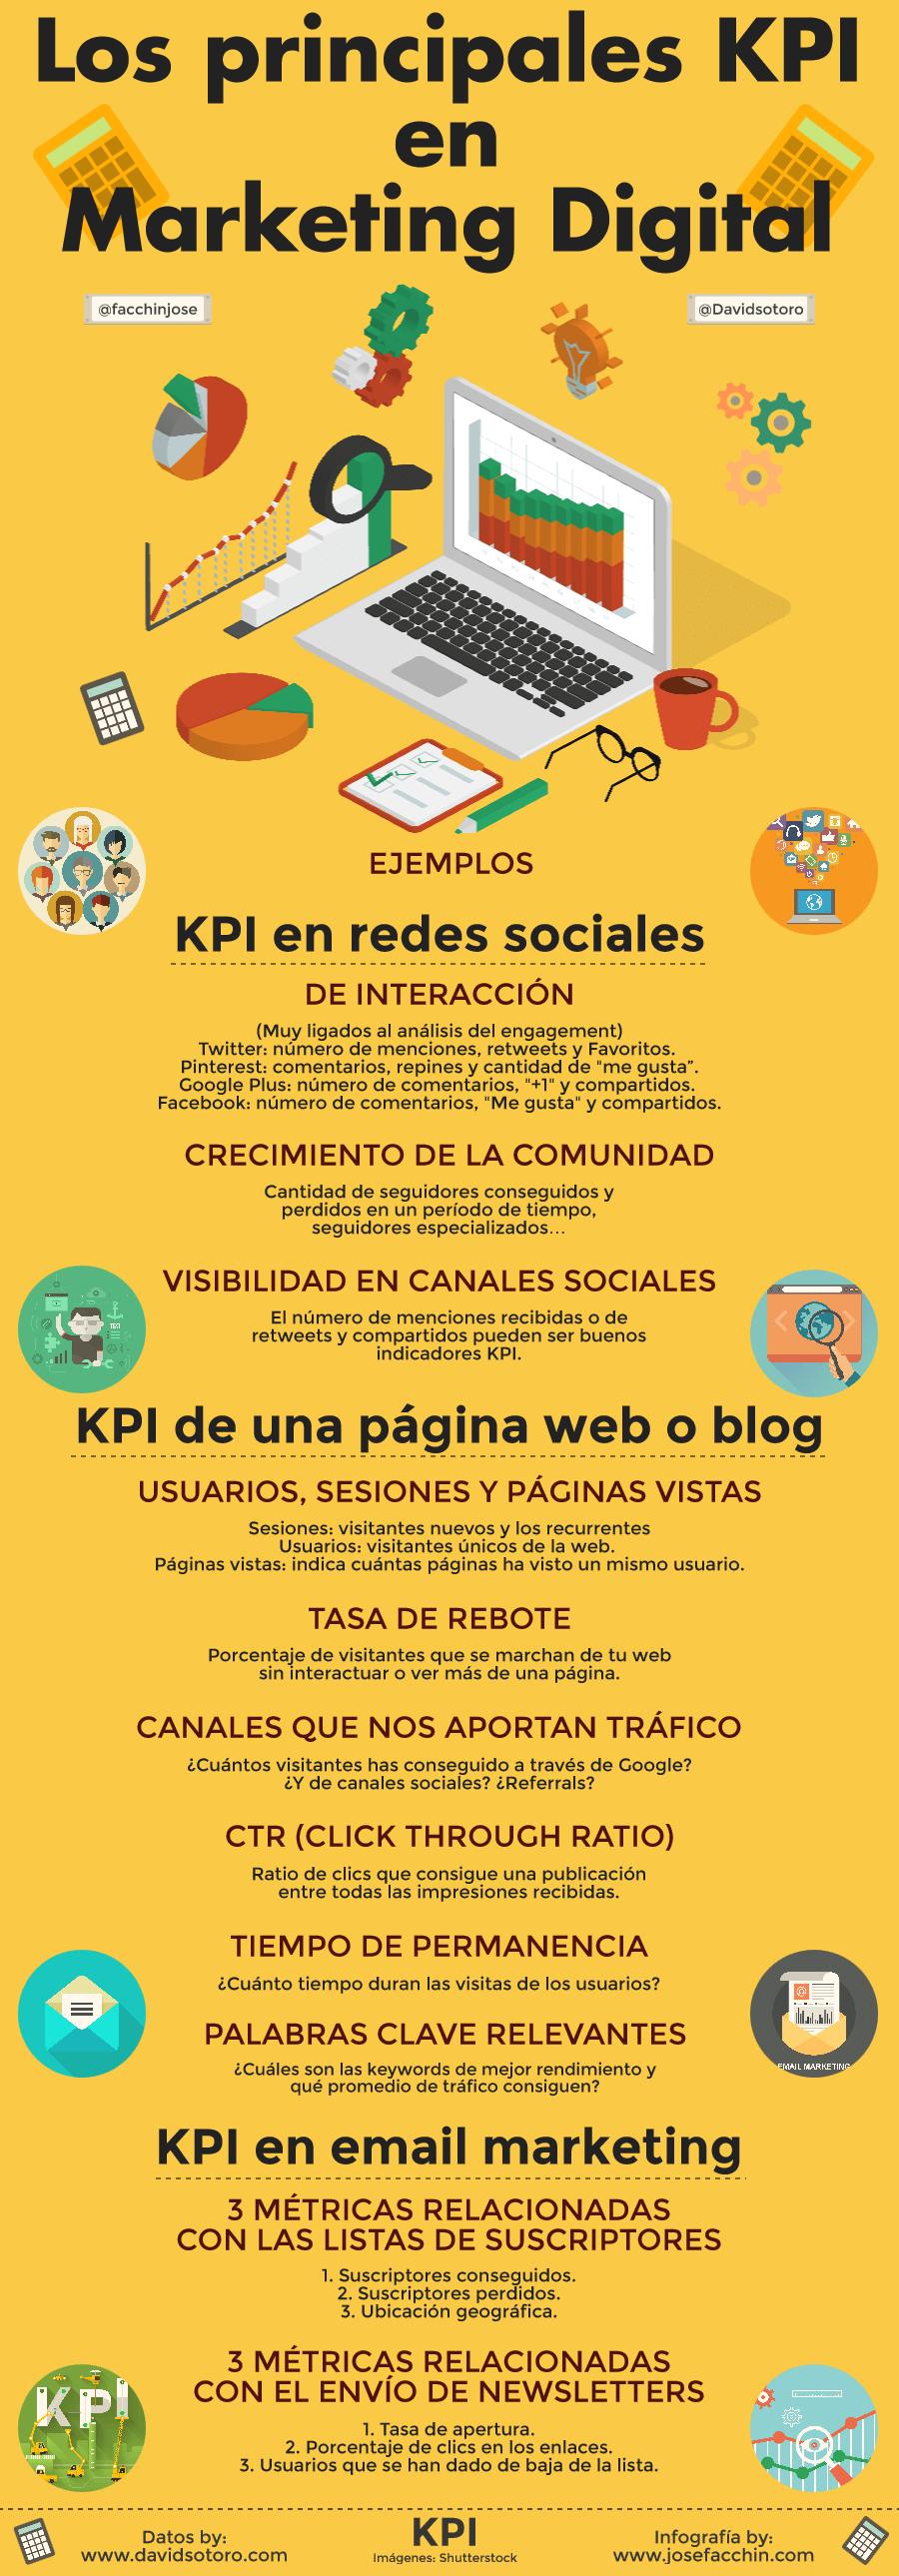 KPI-en-Marketing-Digital